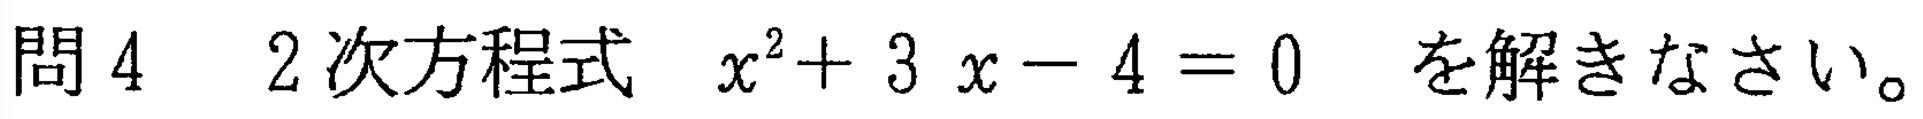 中3北海道学力テスト総合B「数学」(2020、令和2年)問題